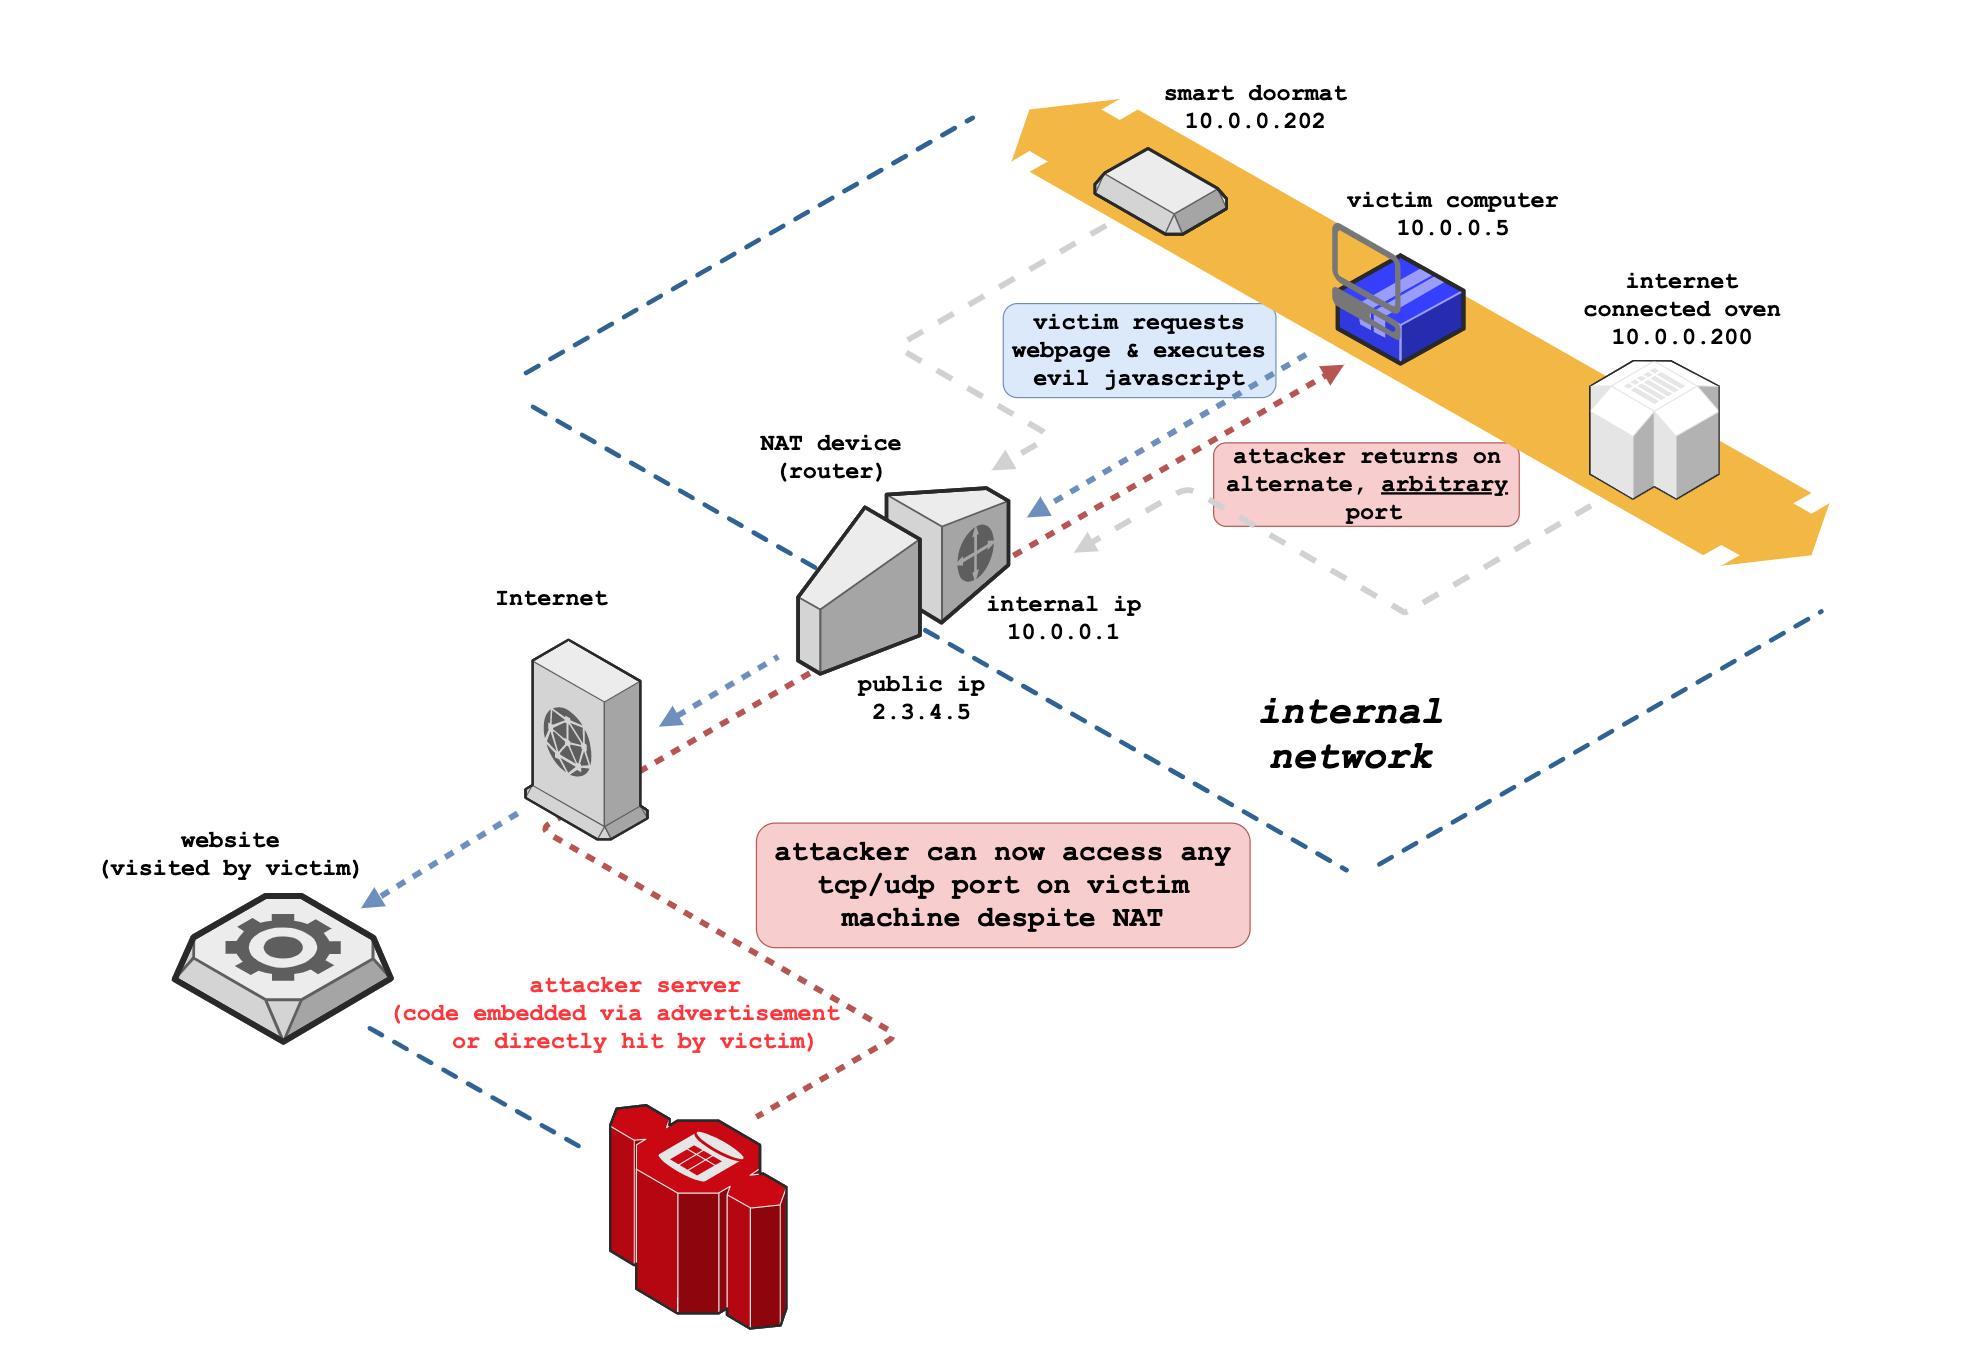 Chrome v87 fixes NAT Slipstreaming attack